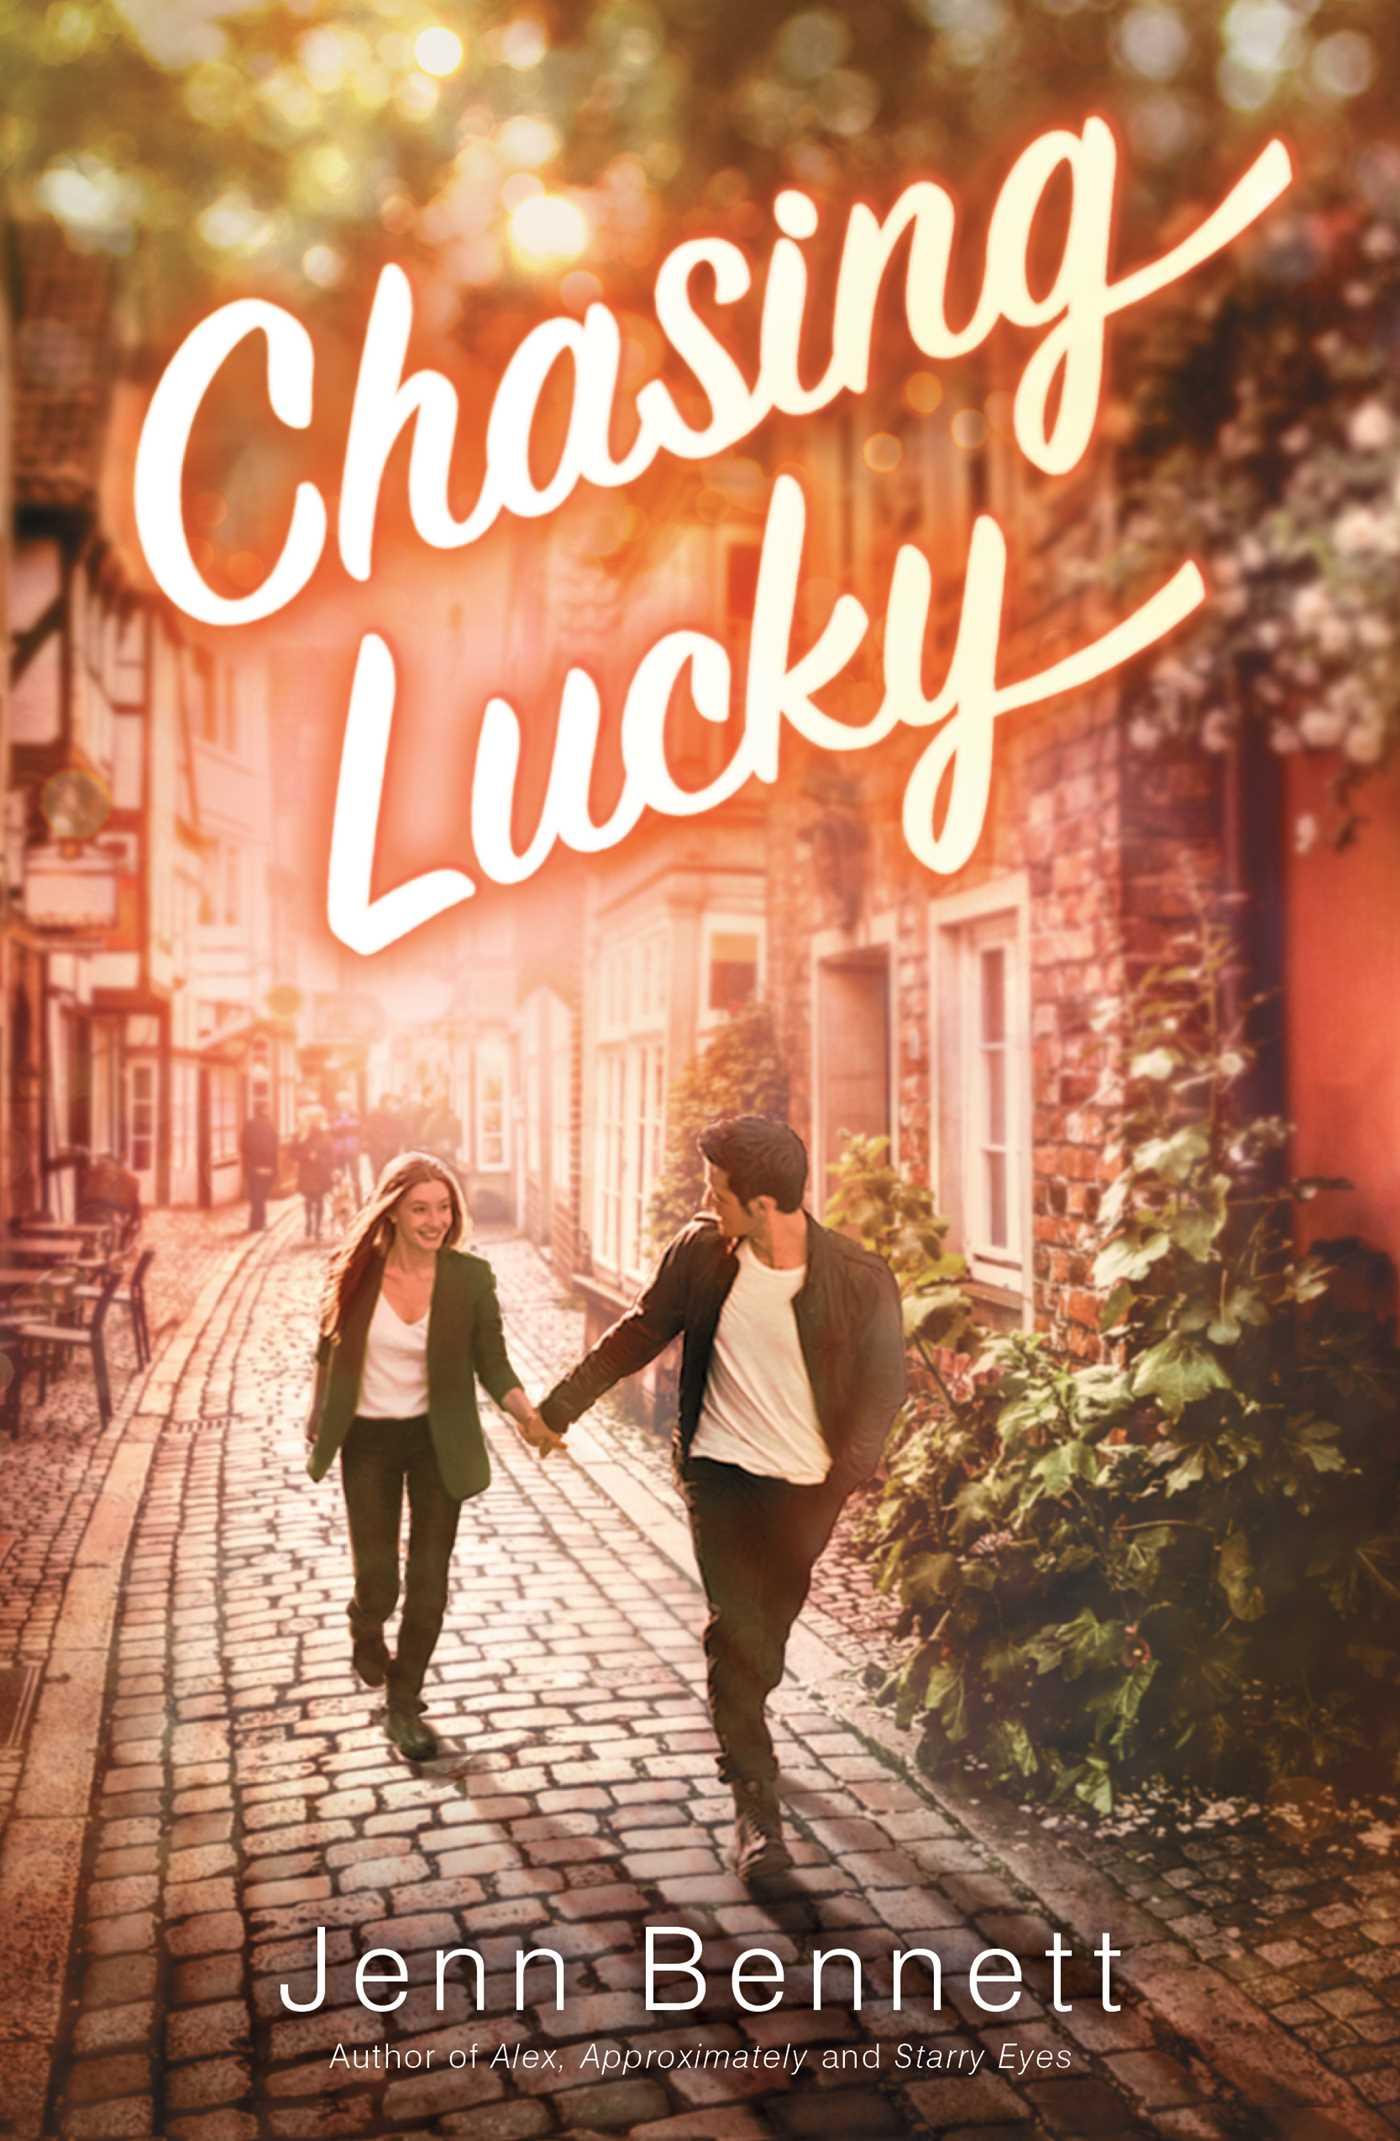 Chasing Lucky - Jenn Bennett